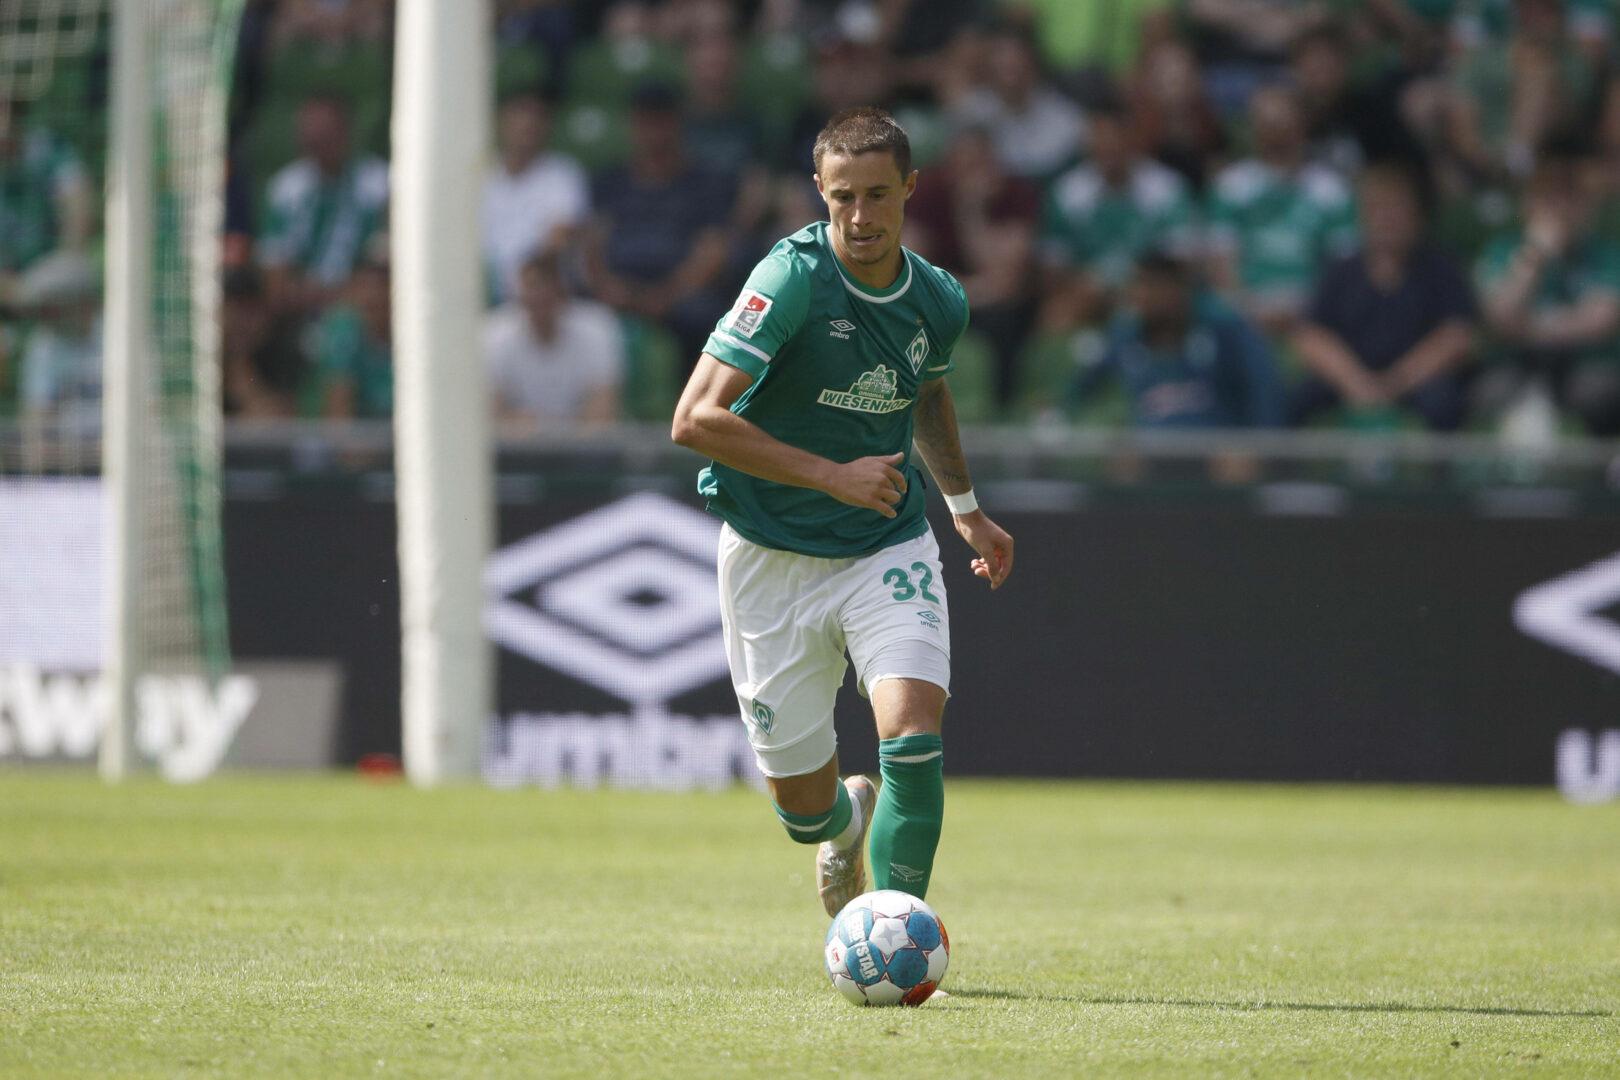 Kehrtwende nach Streik: Friedl bleibt doch bei Werder Bremen